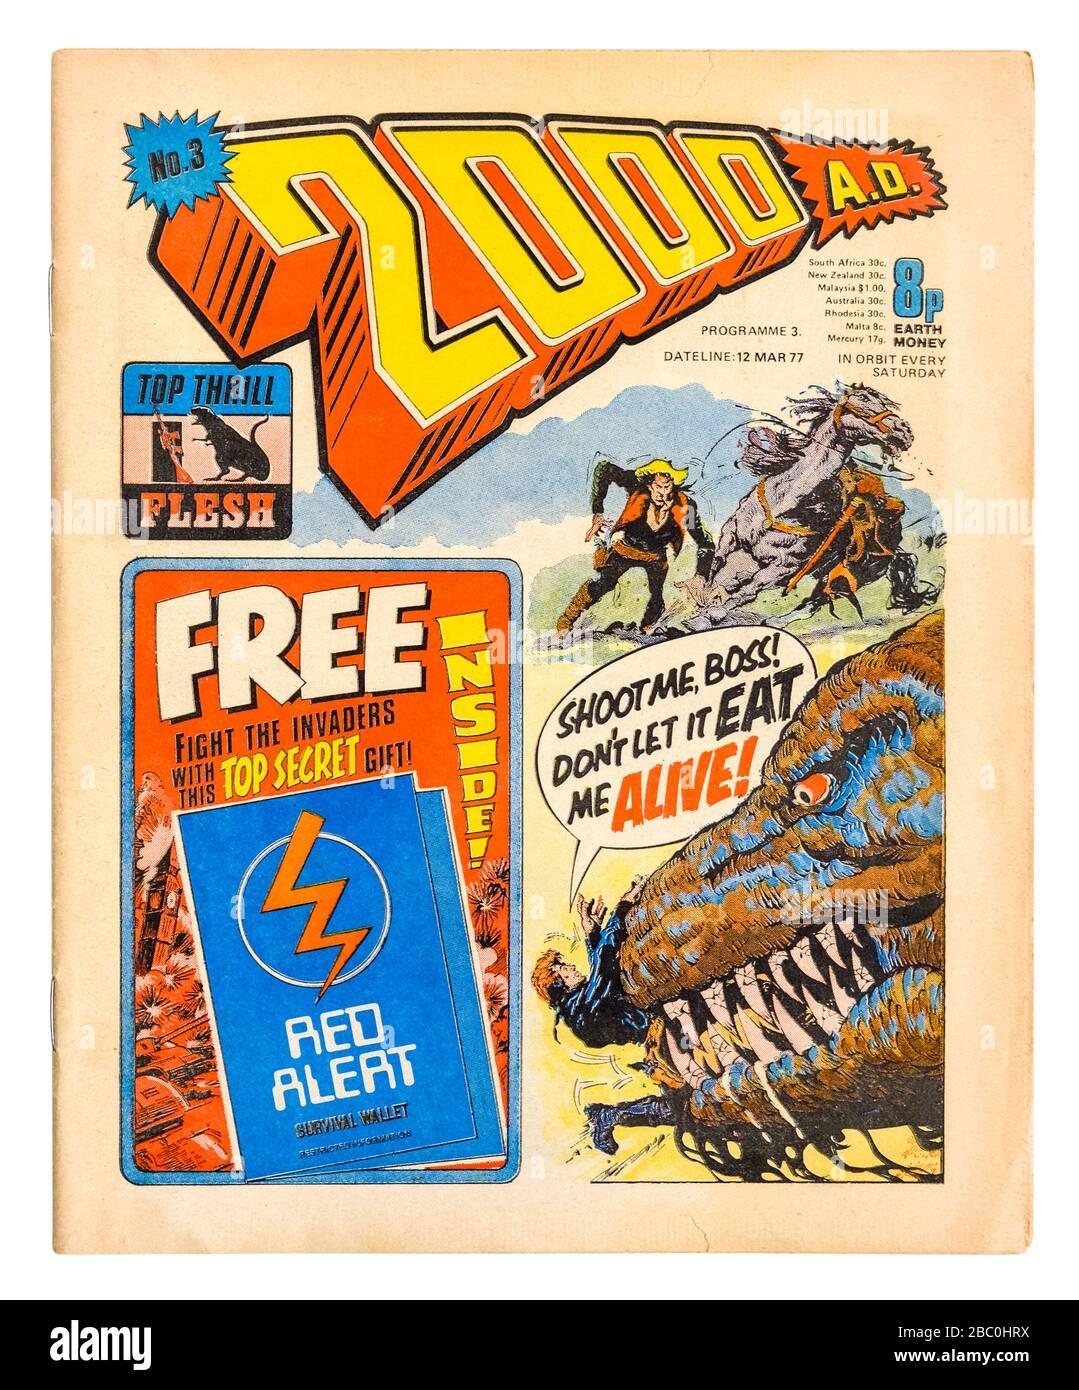 """Frühe Kopie (Nr. 3) von """"2000 A.D."""", dem beliebten britischen wöchentlichen Science-Fiction-Comic aus den 1970er Jahren mit Dan Dare (12. März 1977) Stockfoto"""